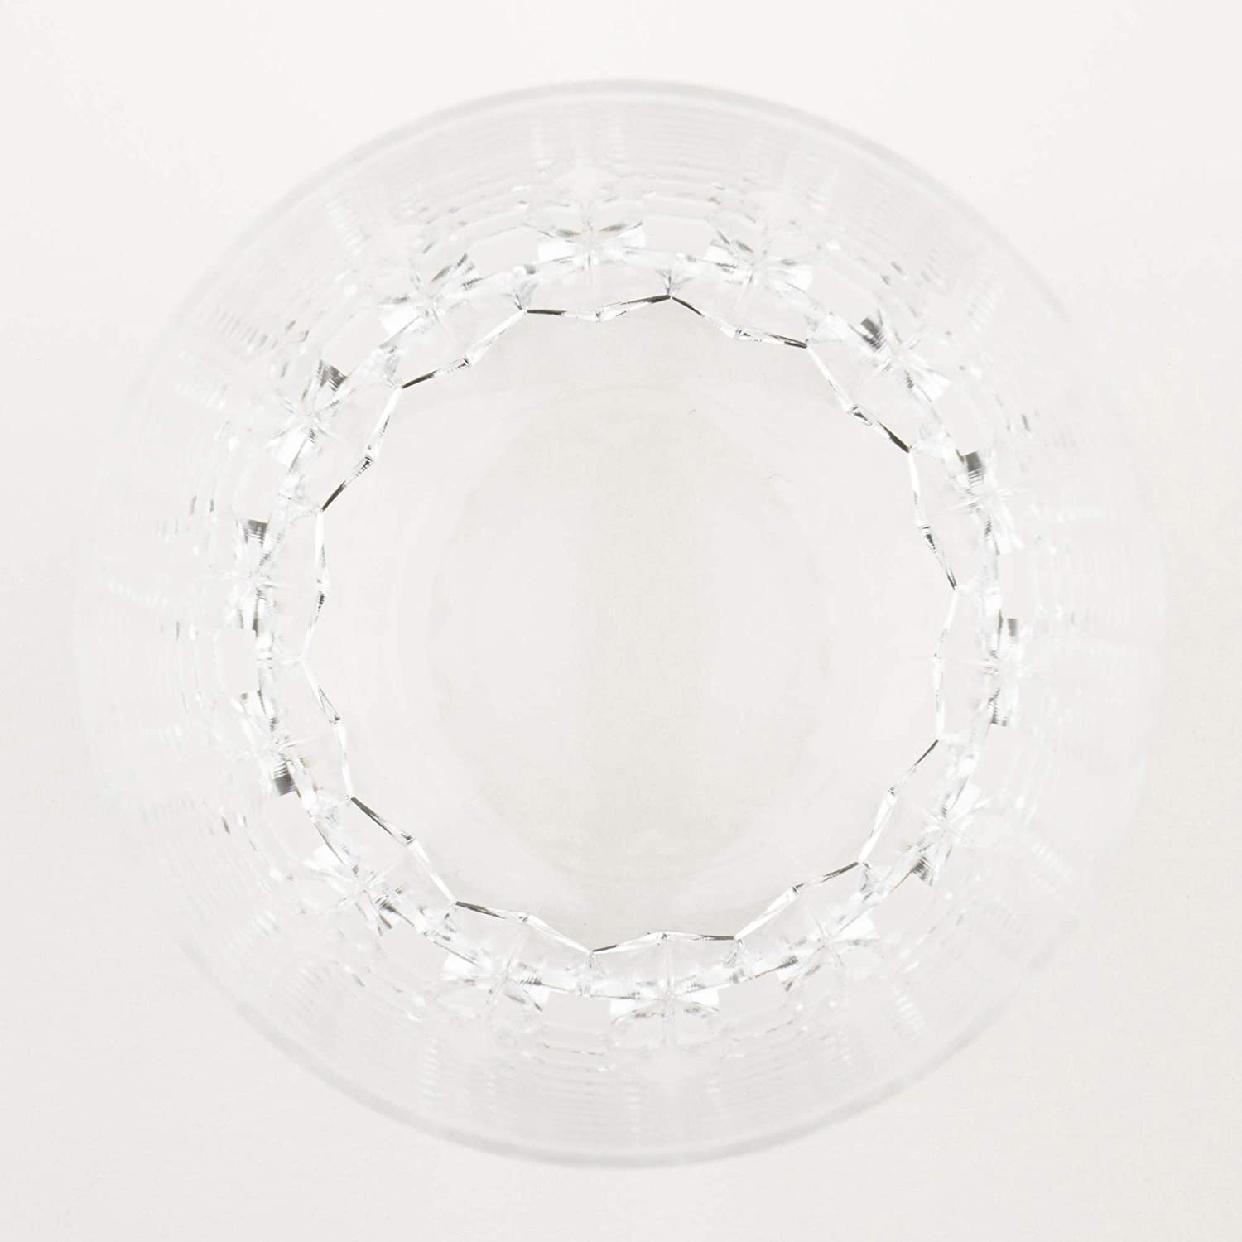 カガミクリスタル ロックグラス<校倉>270㏄ T394-312の商品画像3